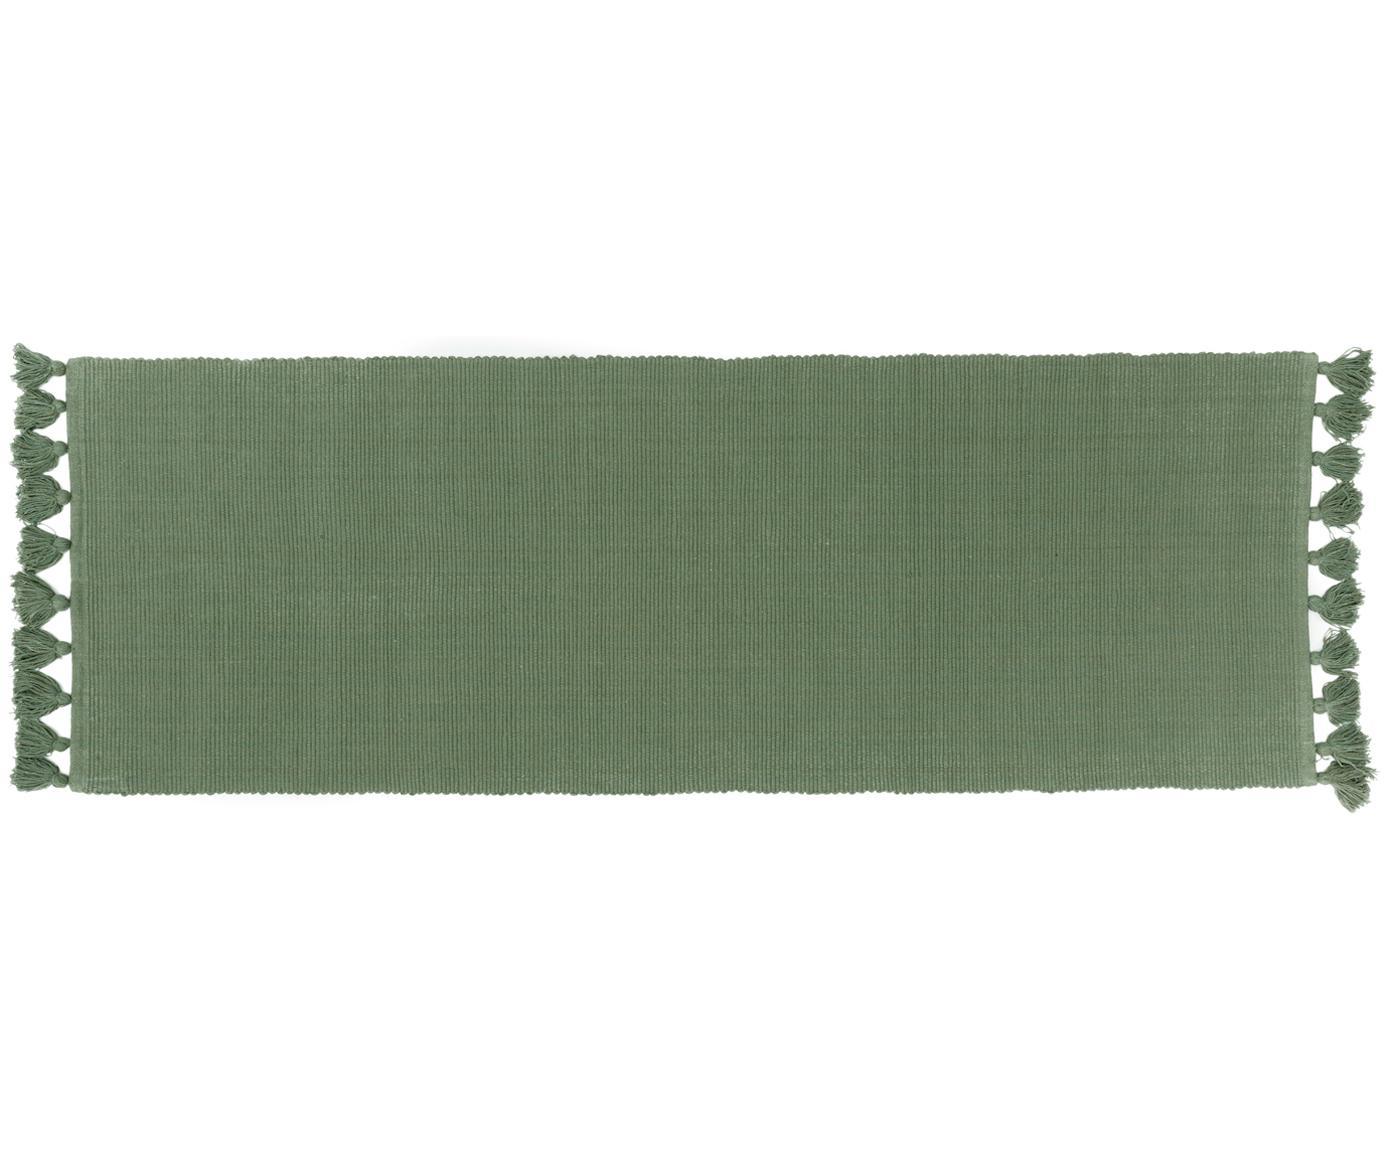 Passatoia in cotone con nappe Homer, Cotone, Verde bosco, Larg. 70 x Lung. 216 cm